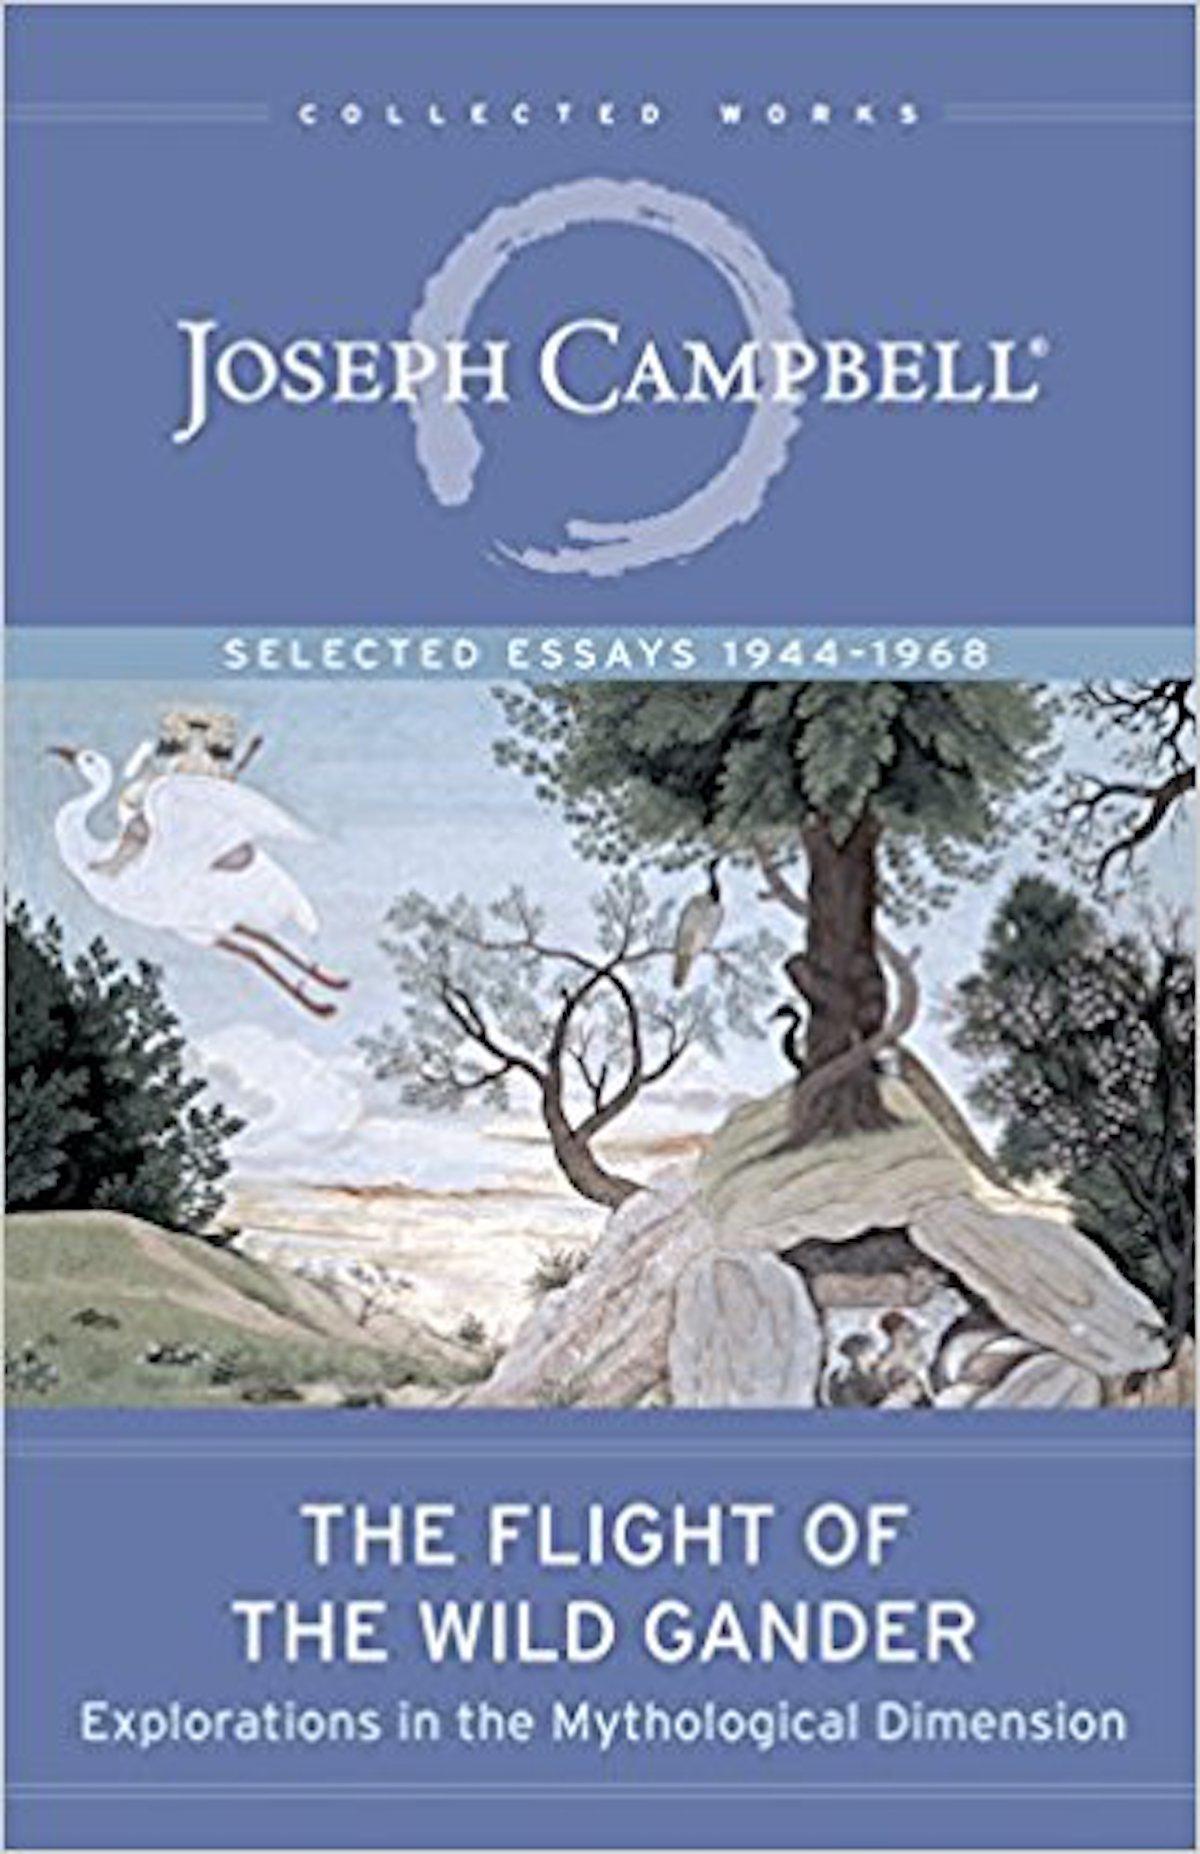 Flight of the Wild Gander, The